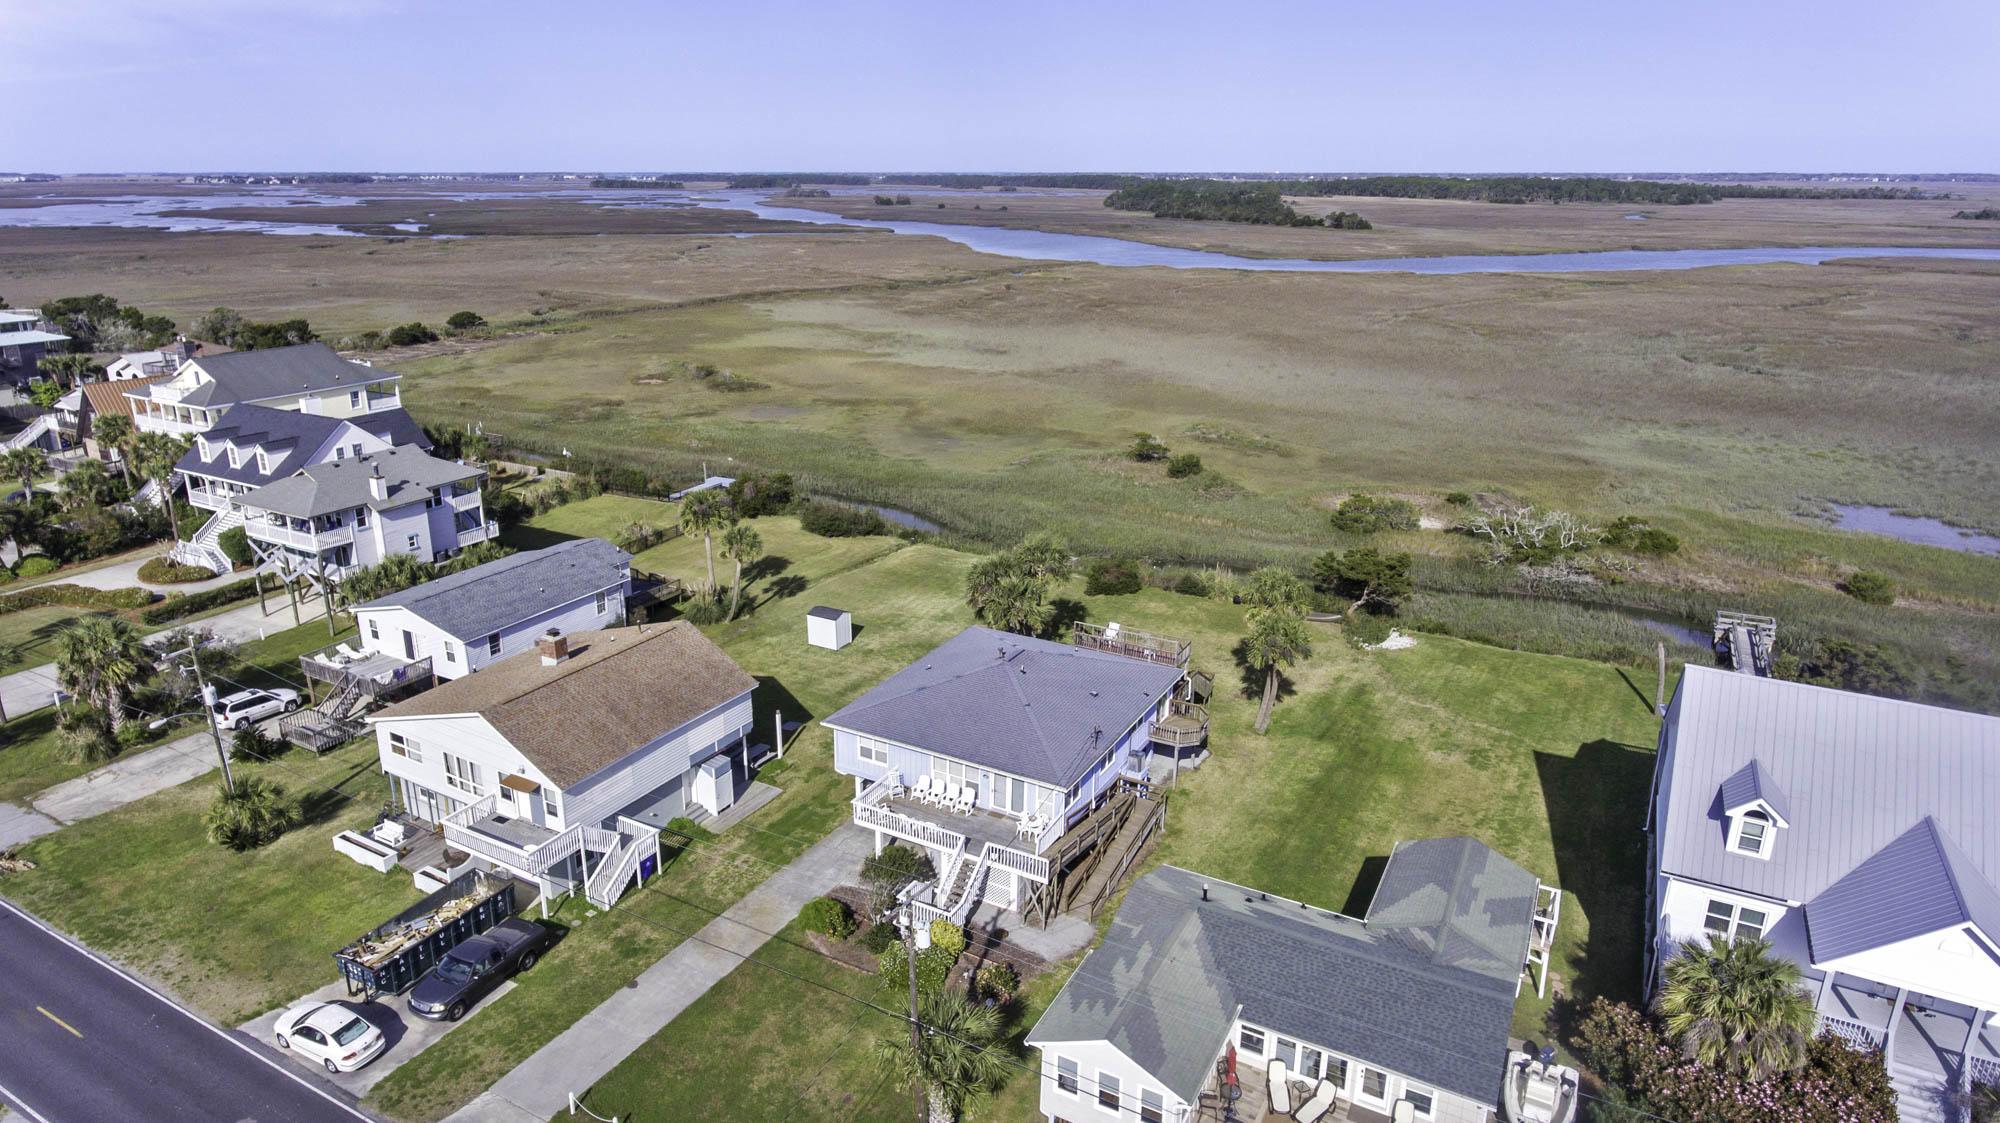 E Folly Bch Shores Homes For Sale - 1662 Ashley, Folly Beach, SC - 22